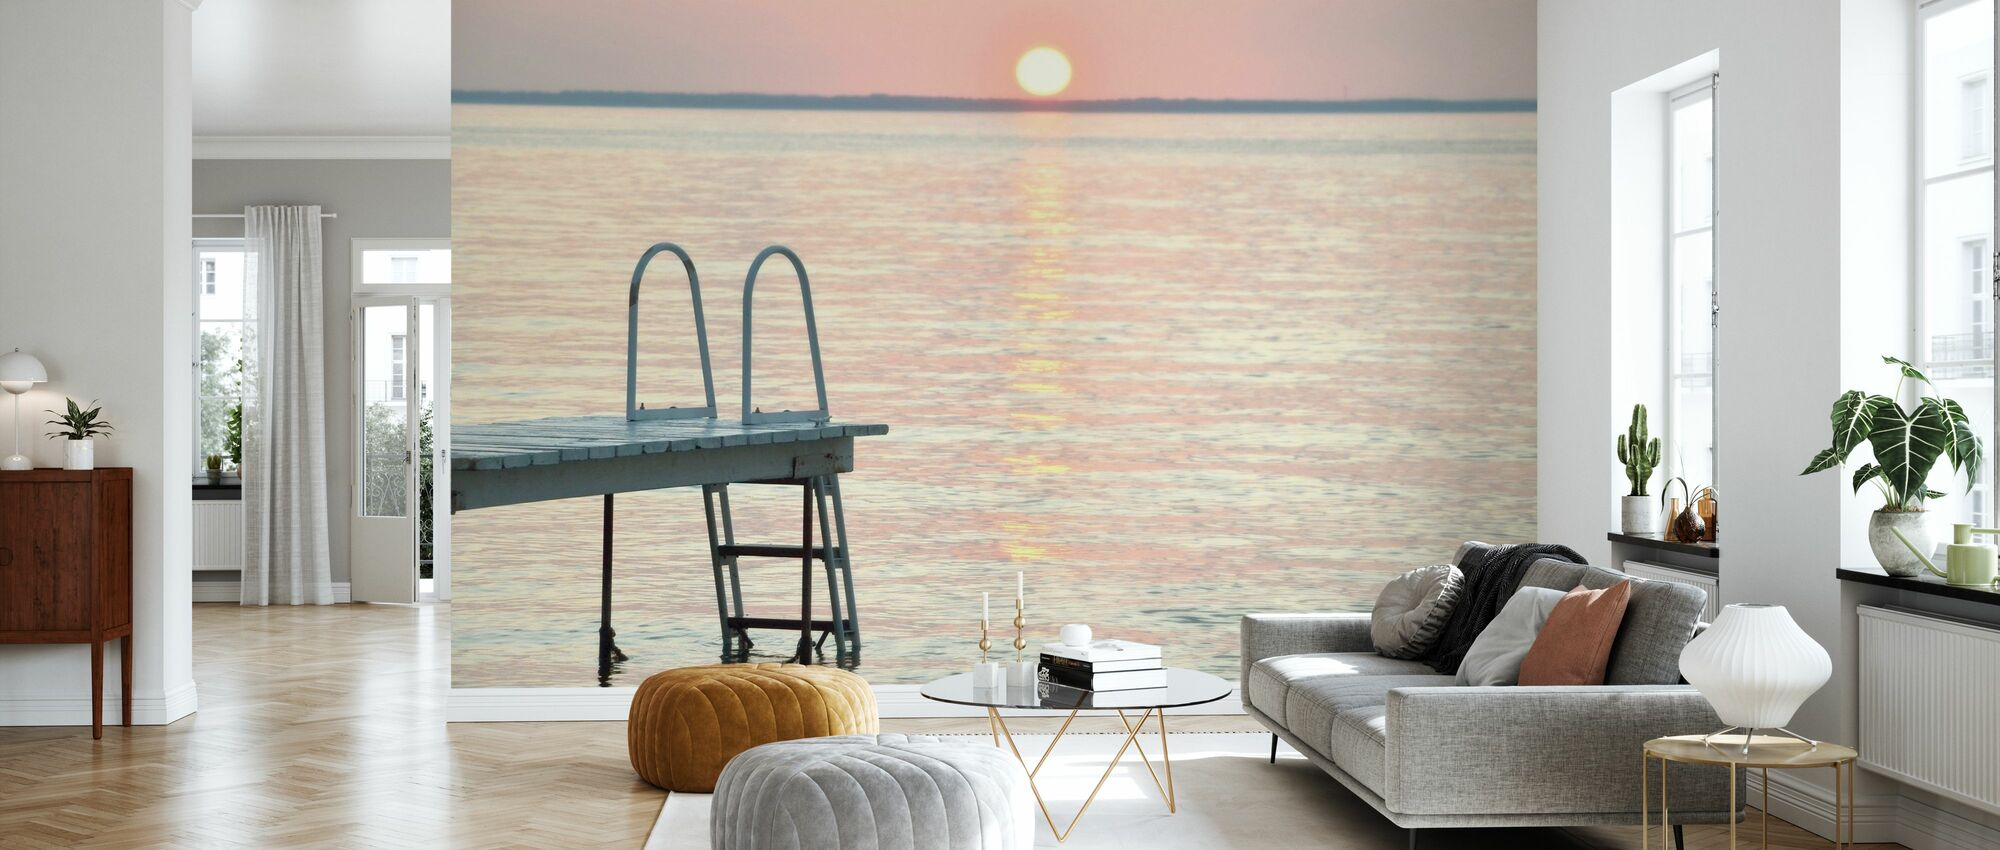 On the Dockquhart - Wallpaper - Living Room